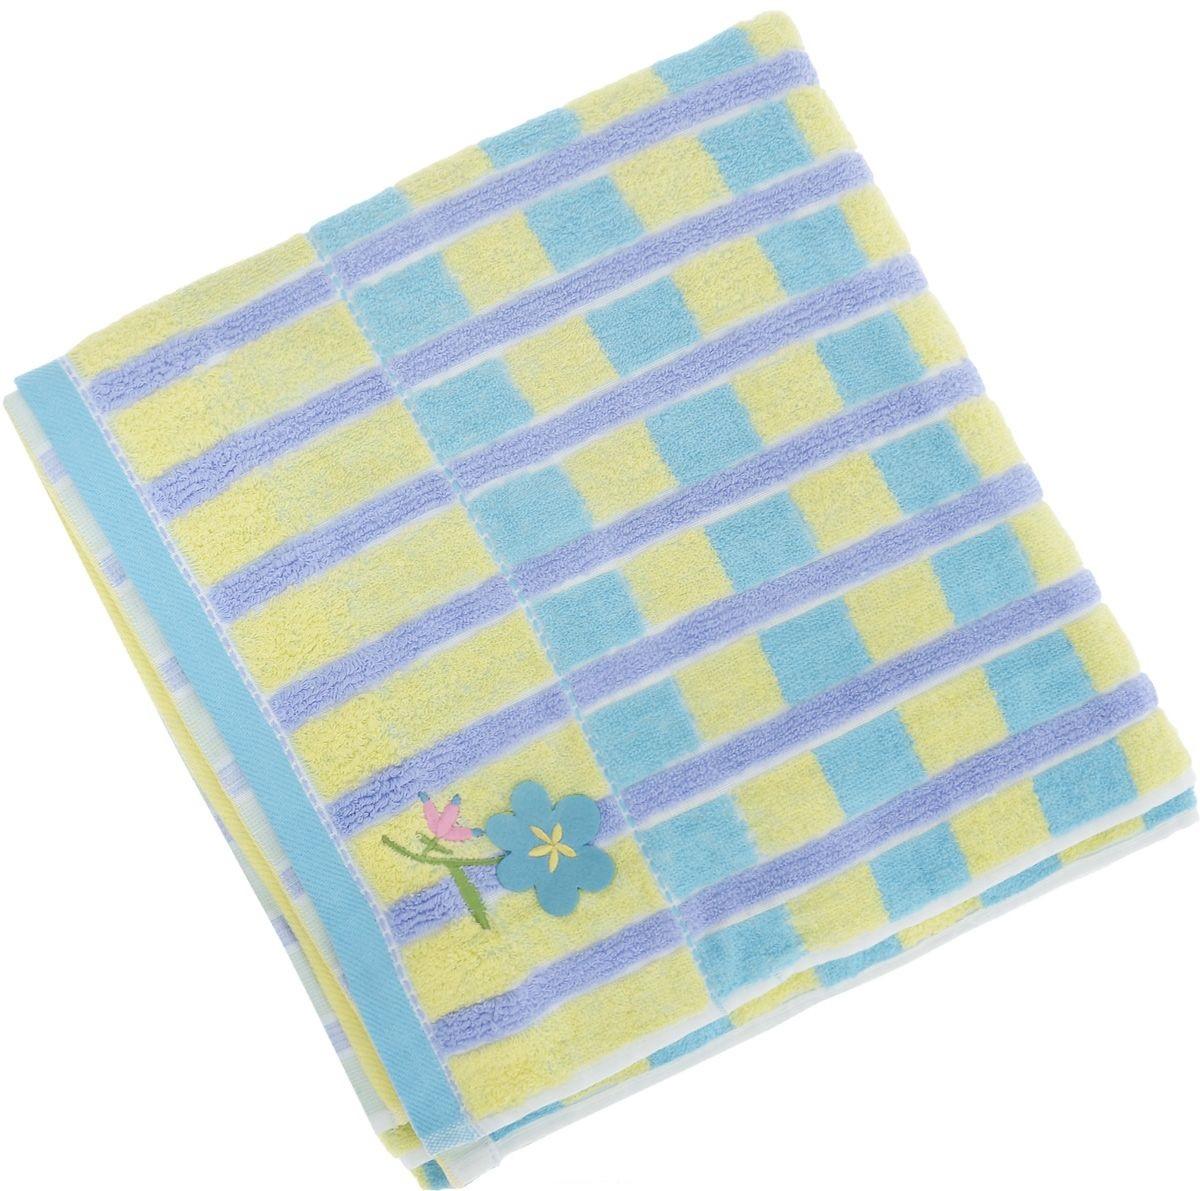 Купить Полотенца Soavita, Полотенце Linda Цвет: Светло-Голубой (70х140 см), Китай, Голубой, Желтый, Махра